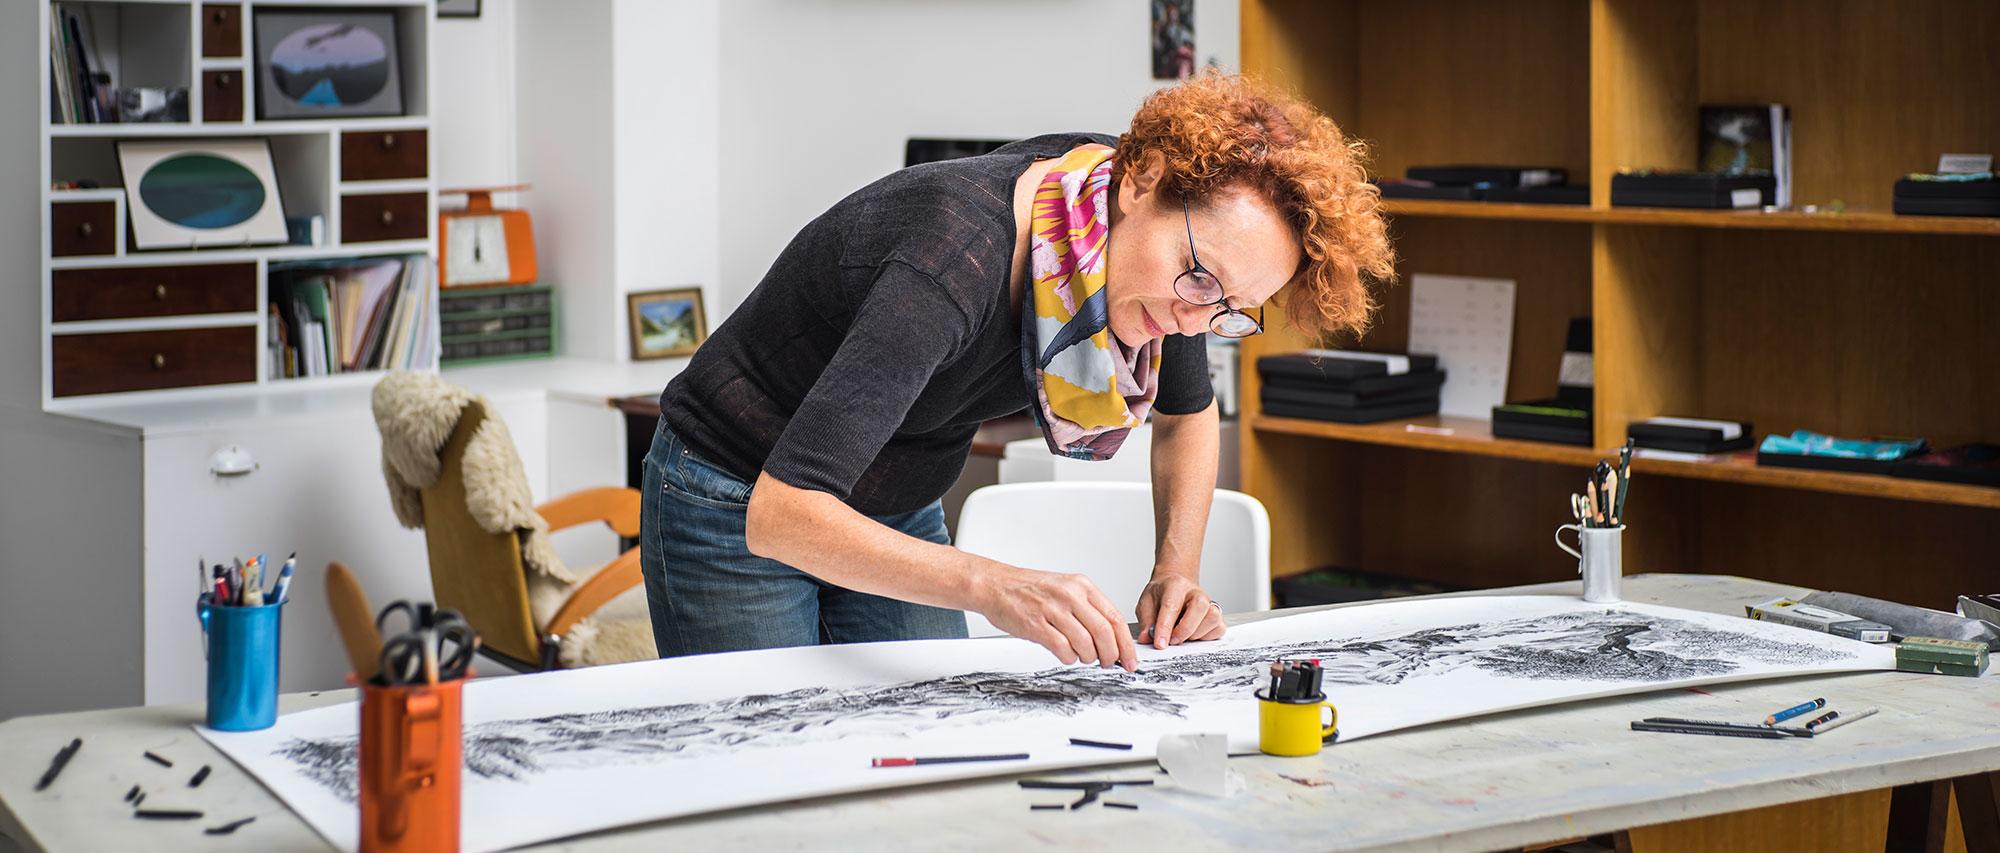 Dans un atelier d'artiste, Céline Dominiak est debout, en train de dessiner, penchée sur un grand dessin au fusain. elle porte un foulard.